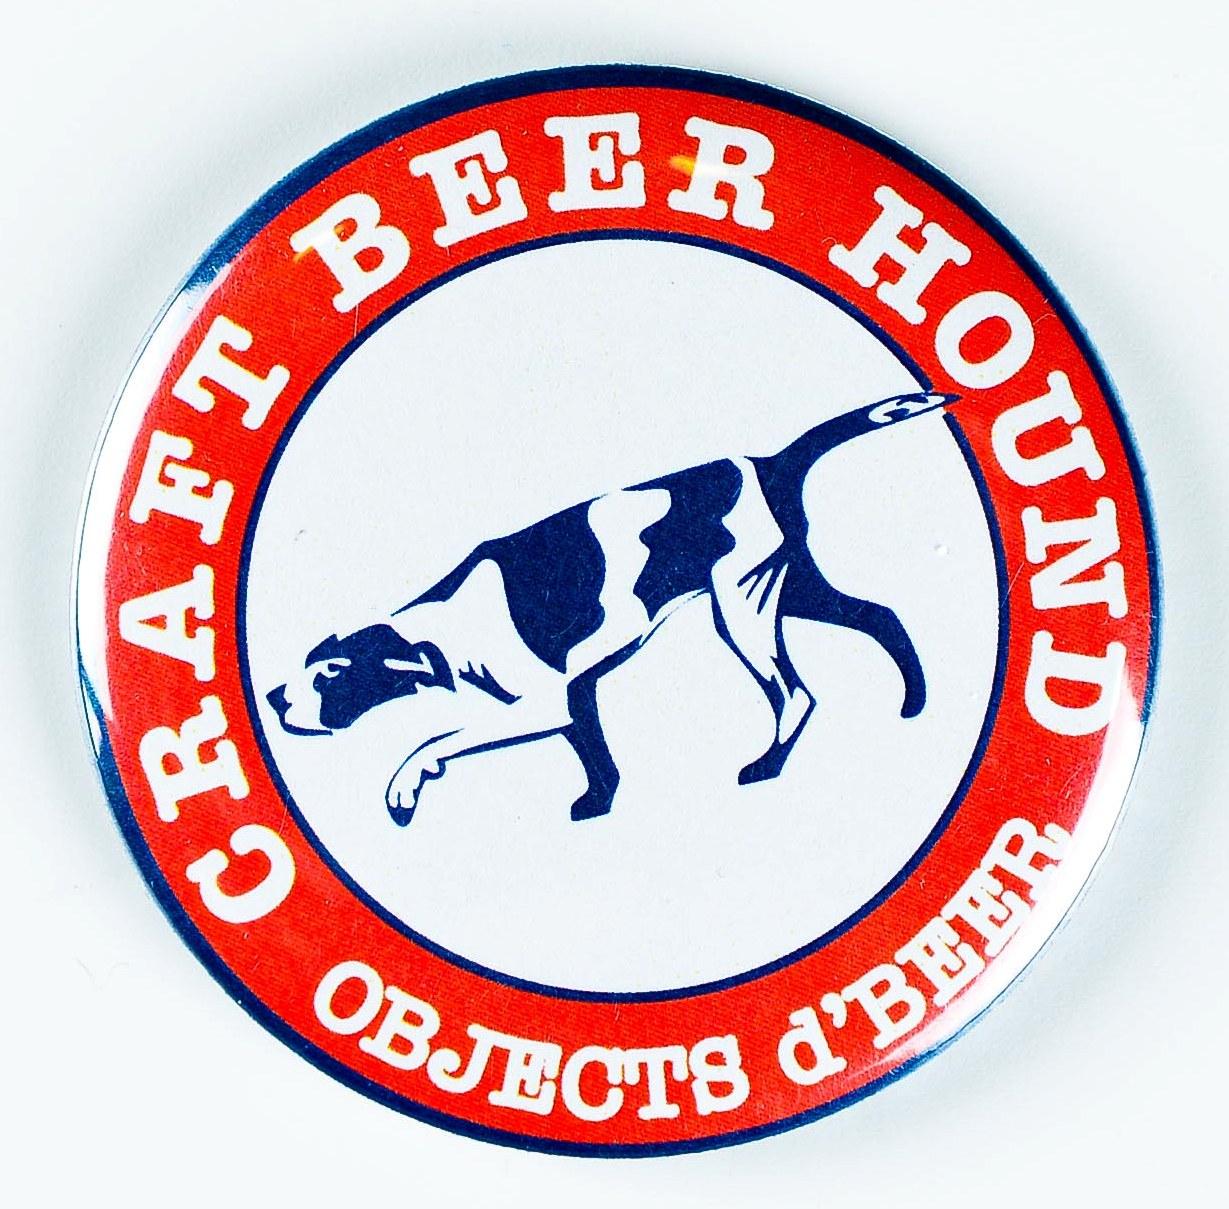 Craft beer hound indiegogo for Craft beer typography beer cap shadow box beer cap collector